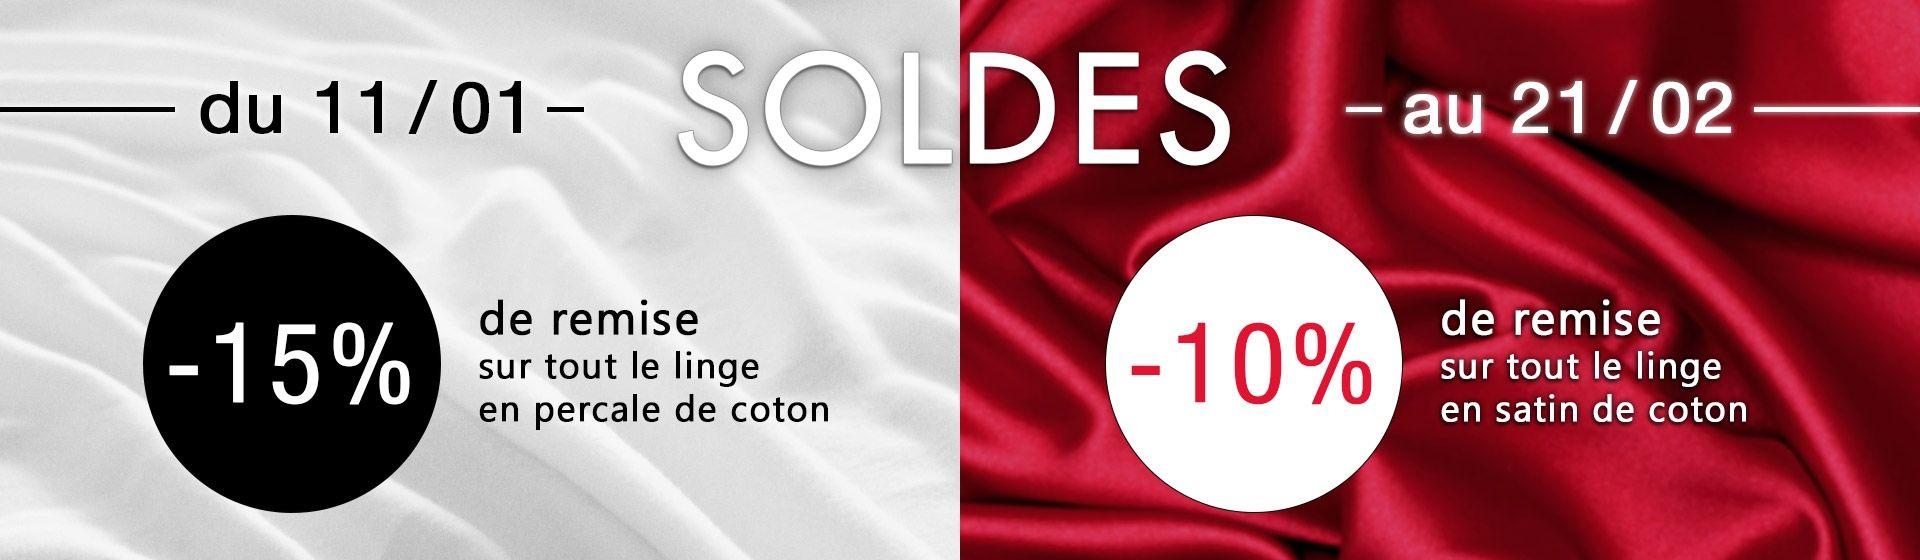 Soldes d'hiver : -15% de remise sur la percale de coton et -10% sur le satin de coton